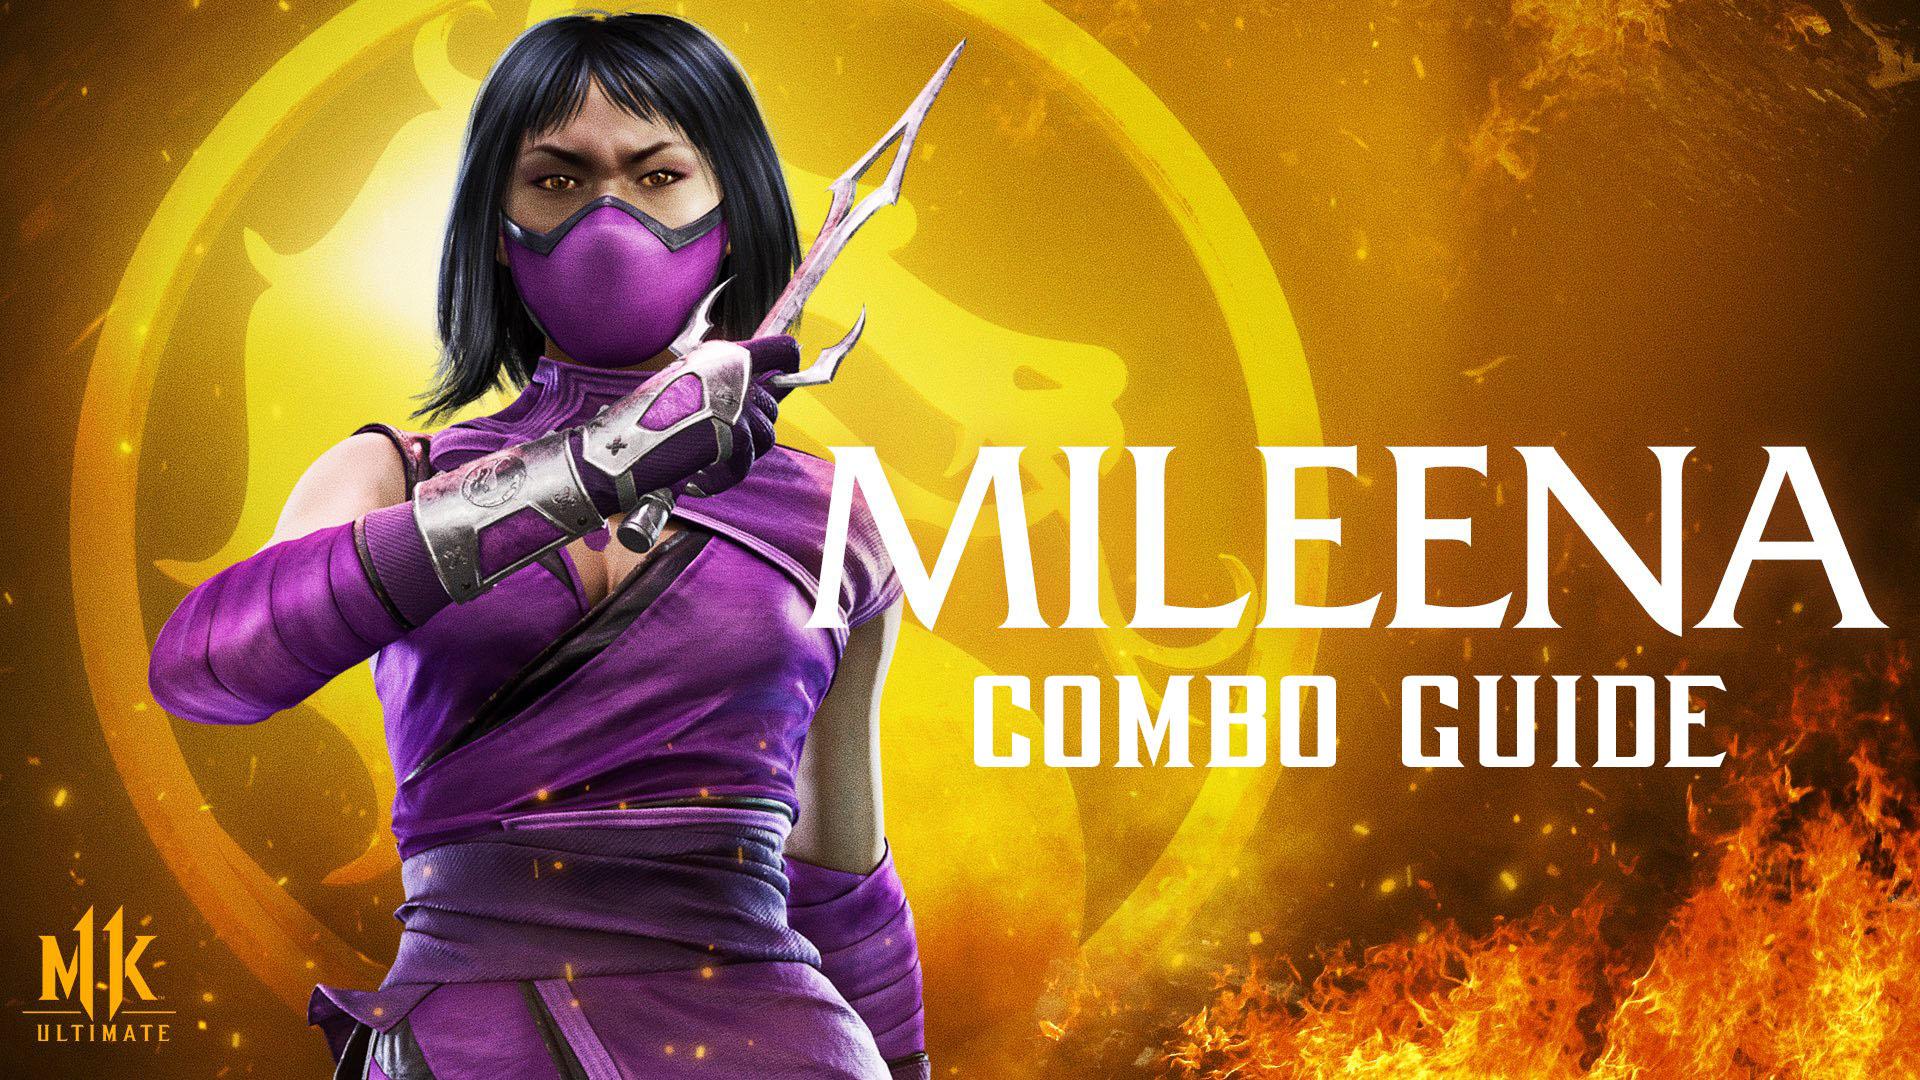 Mileena Combo Guide